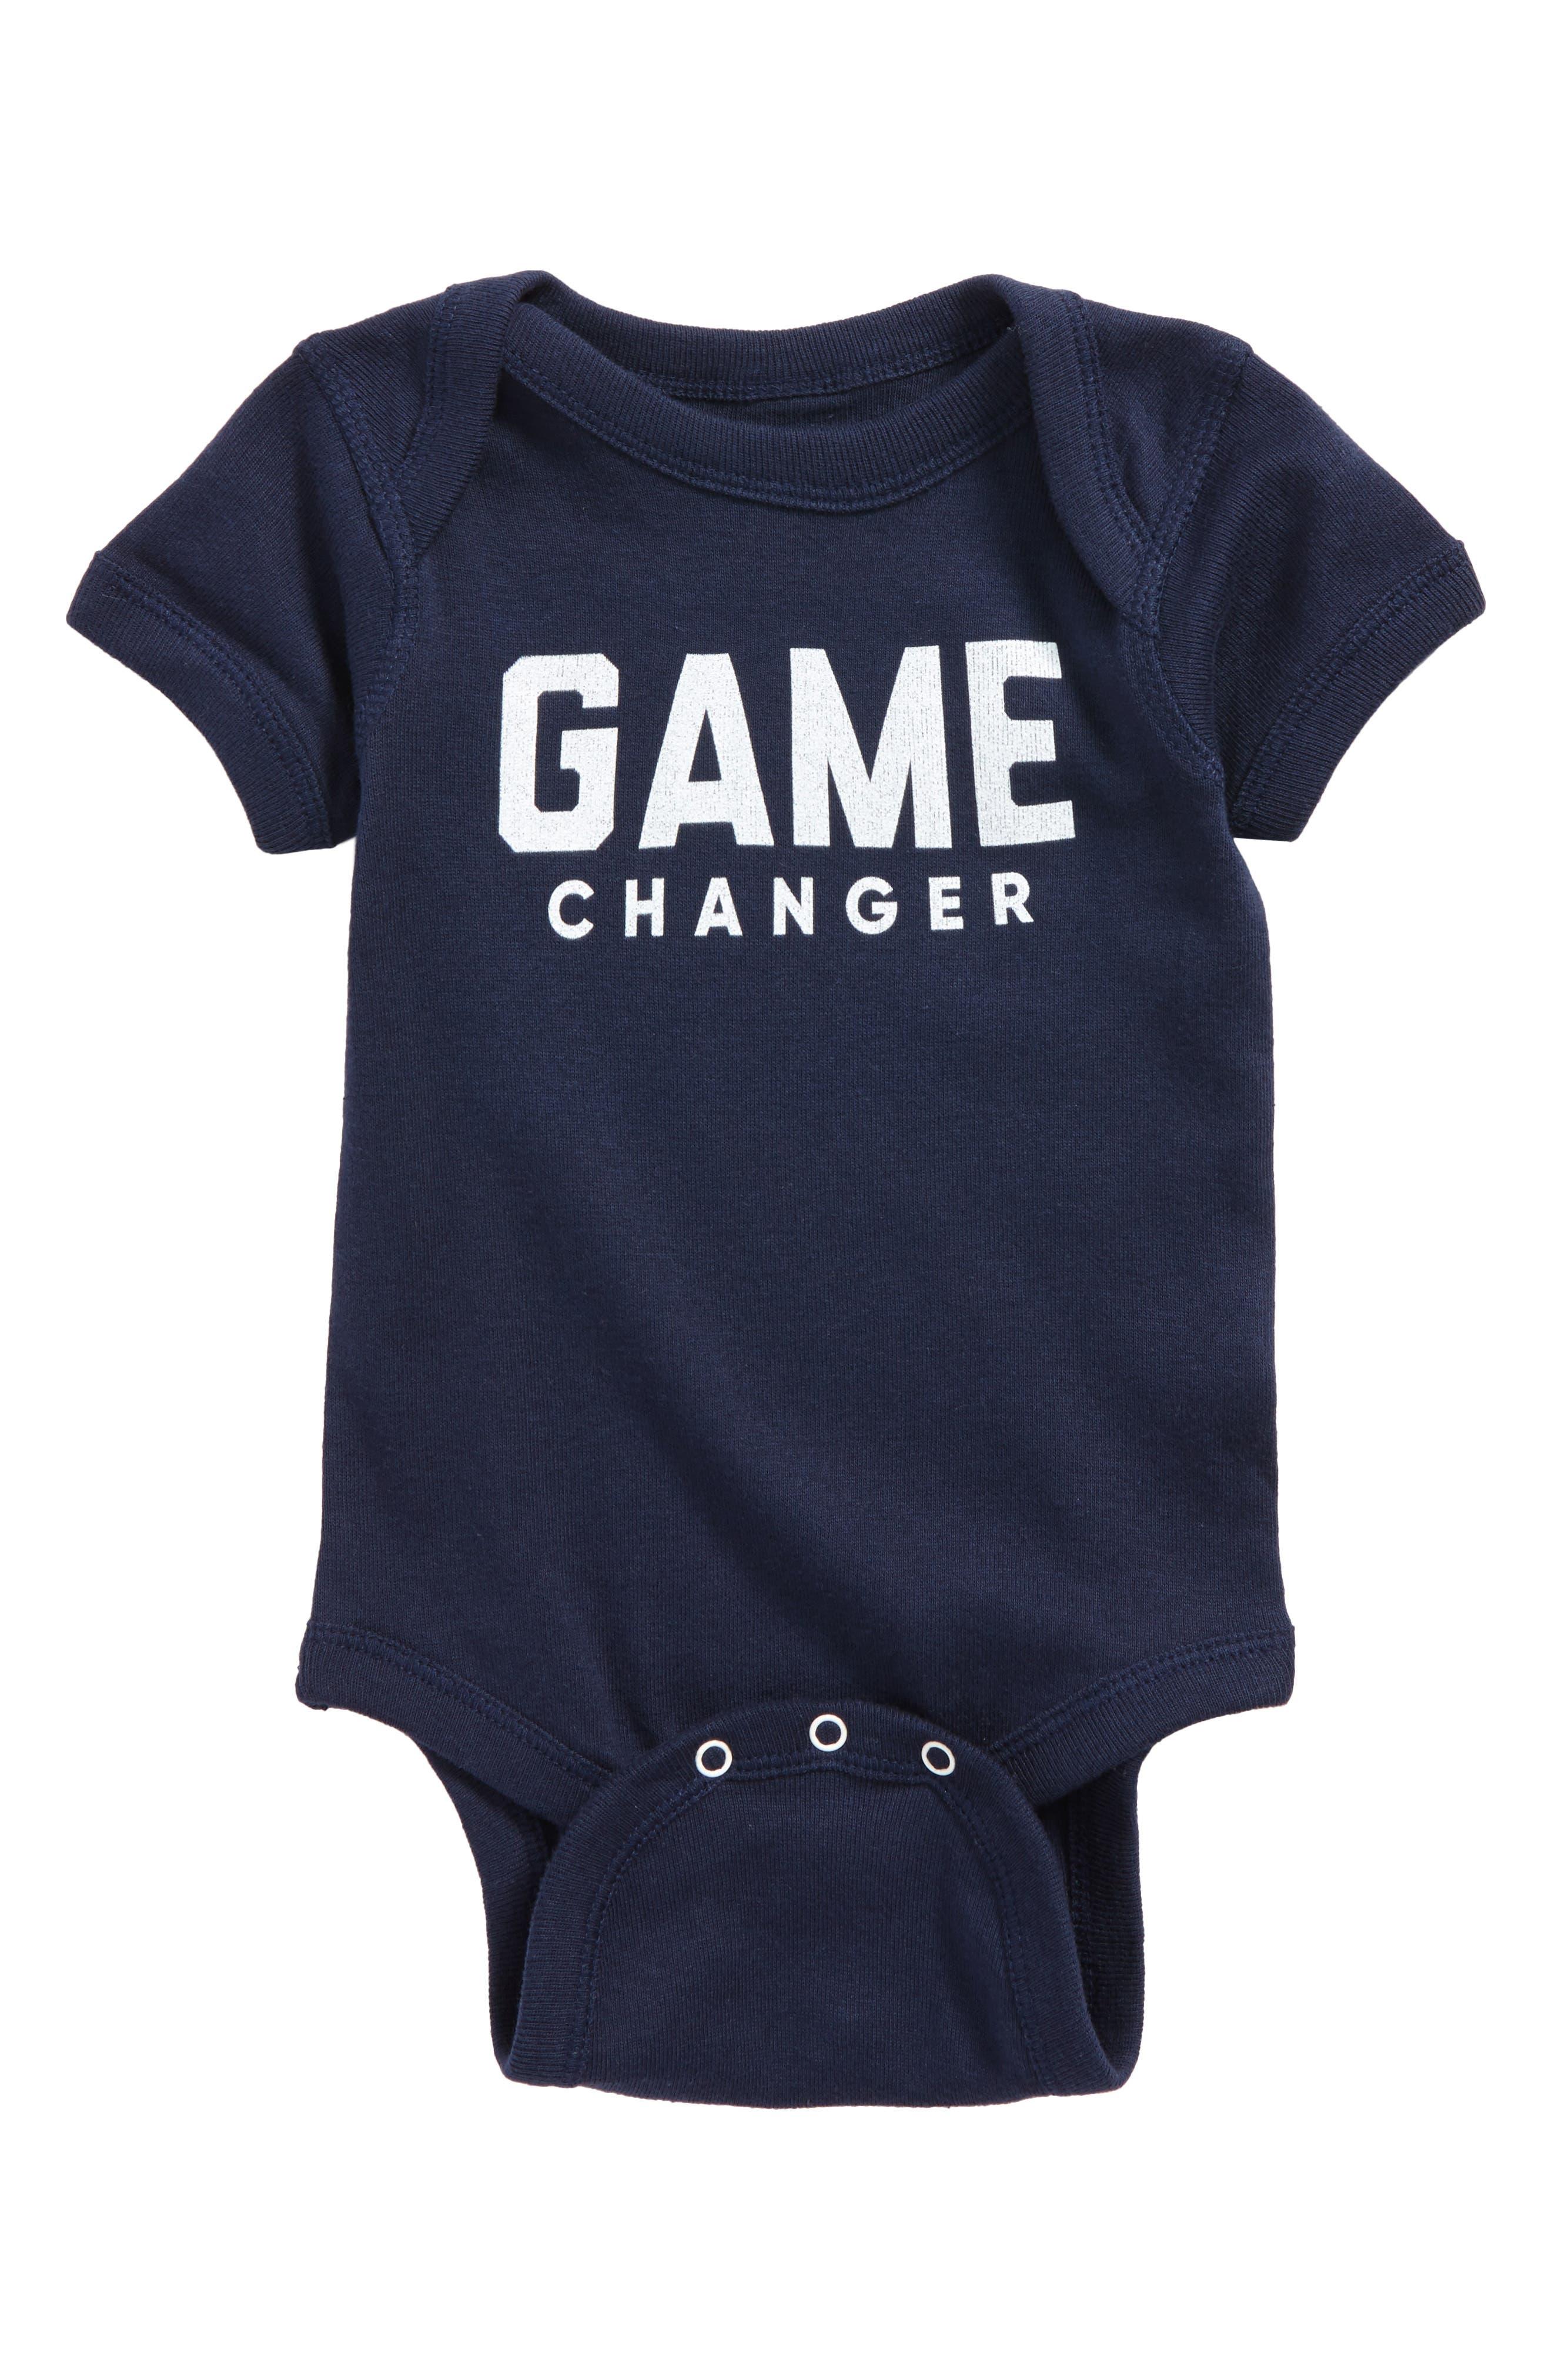 Alternate Image 1 Selected - Kid Dangerous Game Changer Bodysuit (Baby Boys)